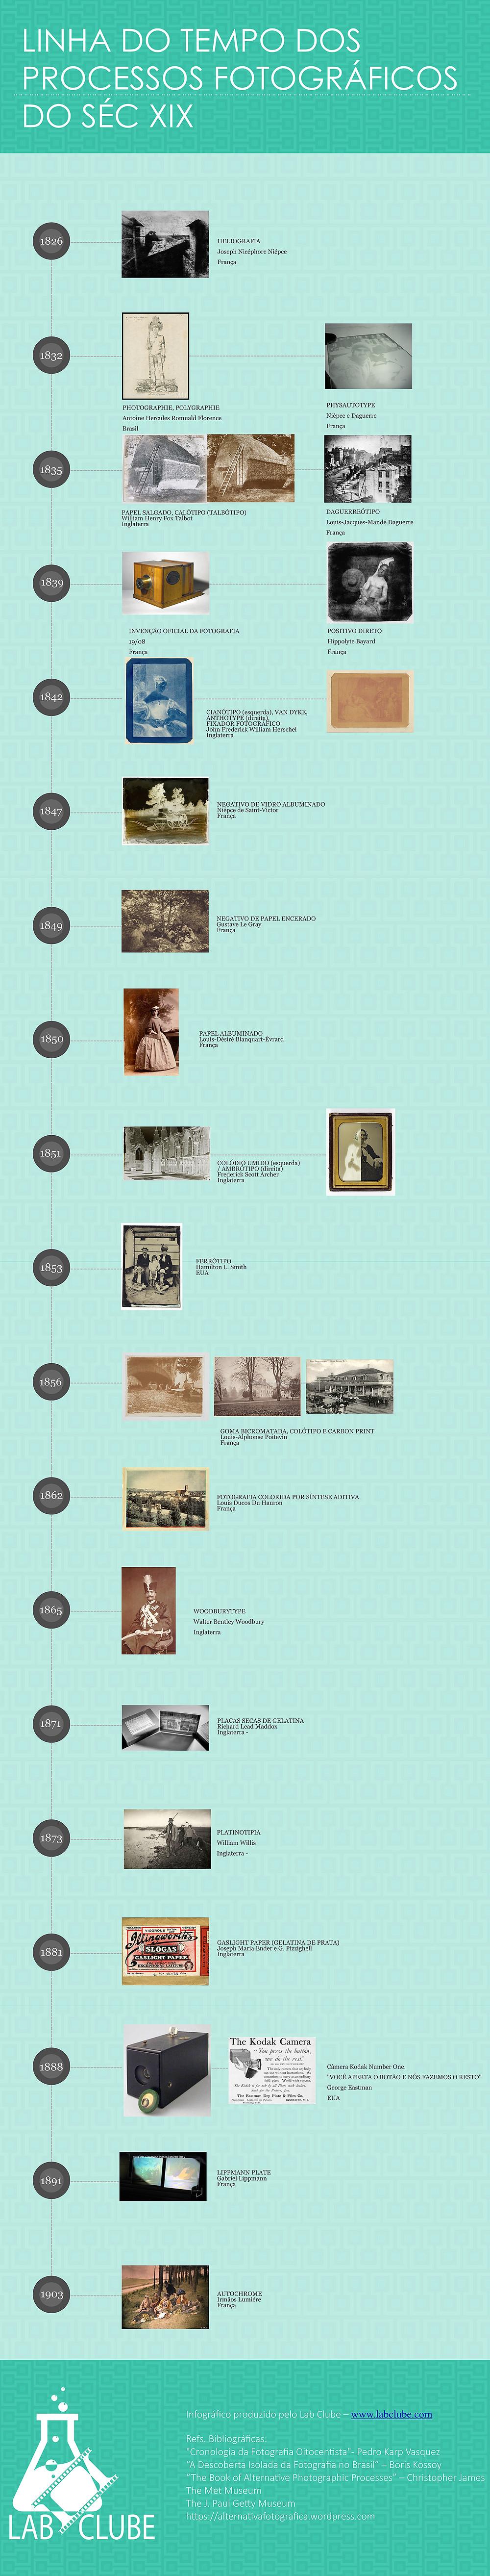 linha do tempo Processos Fotograficos do seculo xix